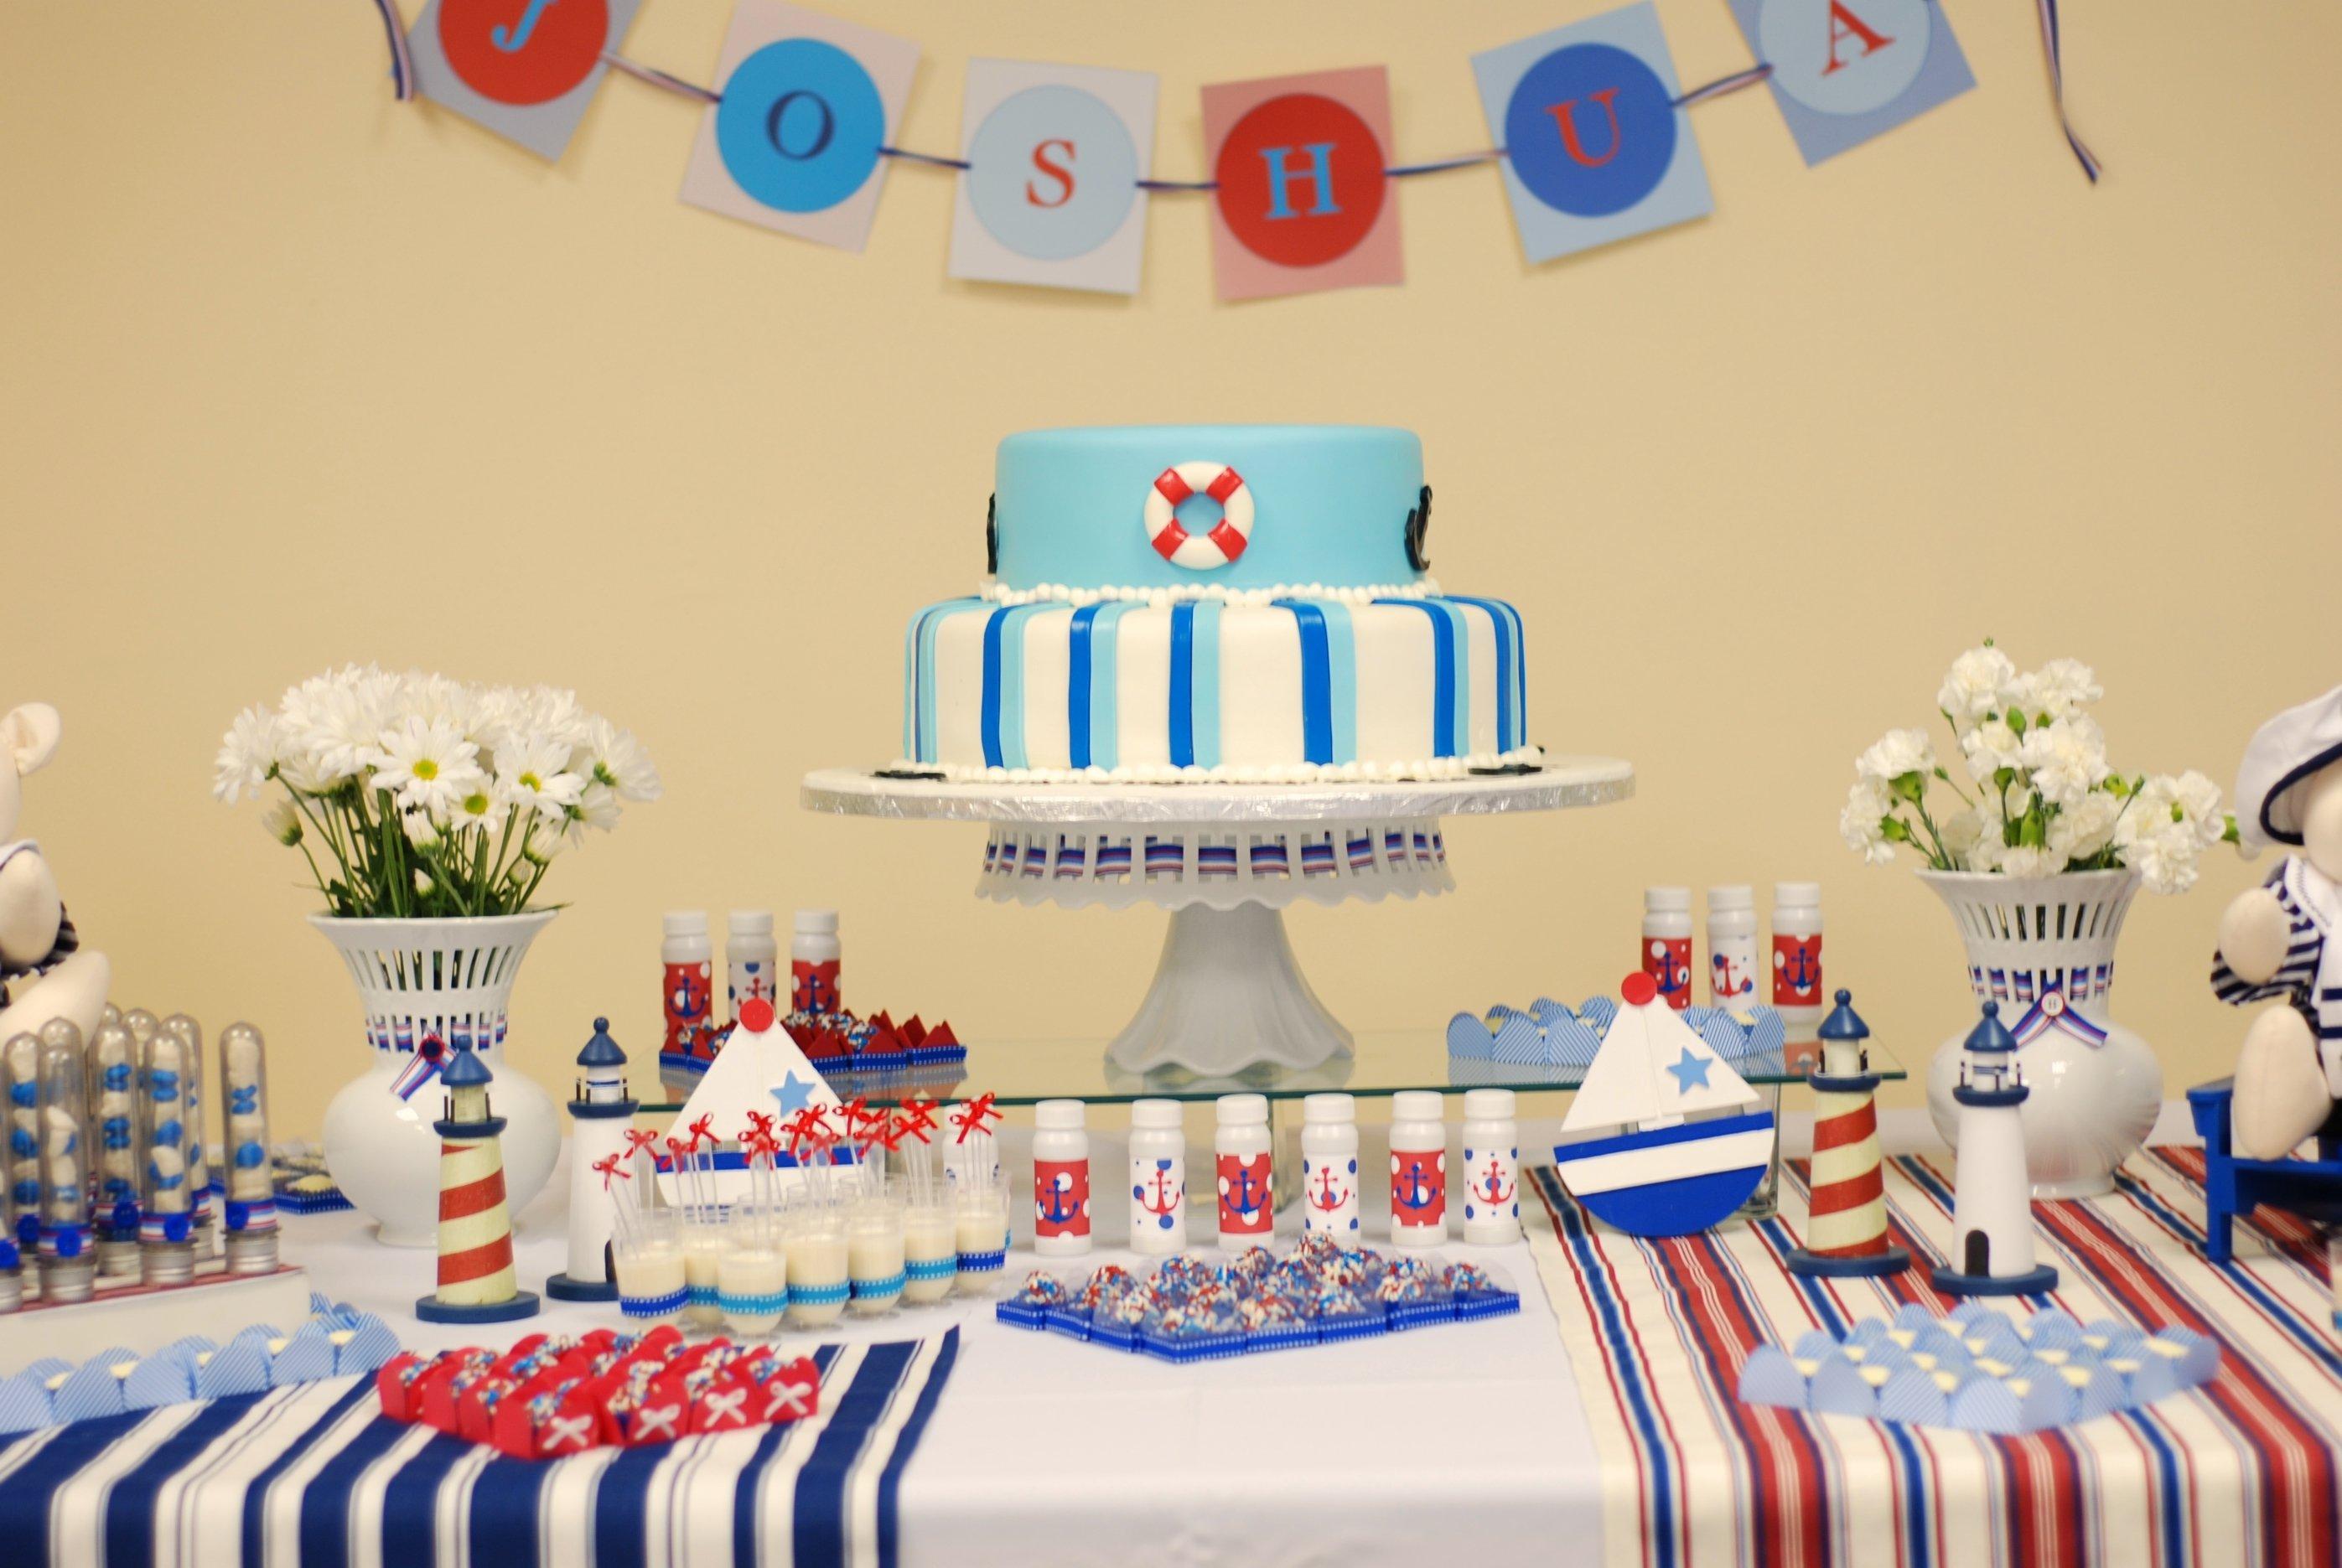 10 Fashionable 1St Boy Birthday Party Ideas boys birthday party decoration ideas decorideaz decorideaz 2020